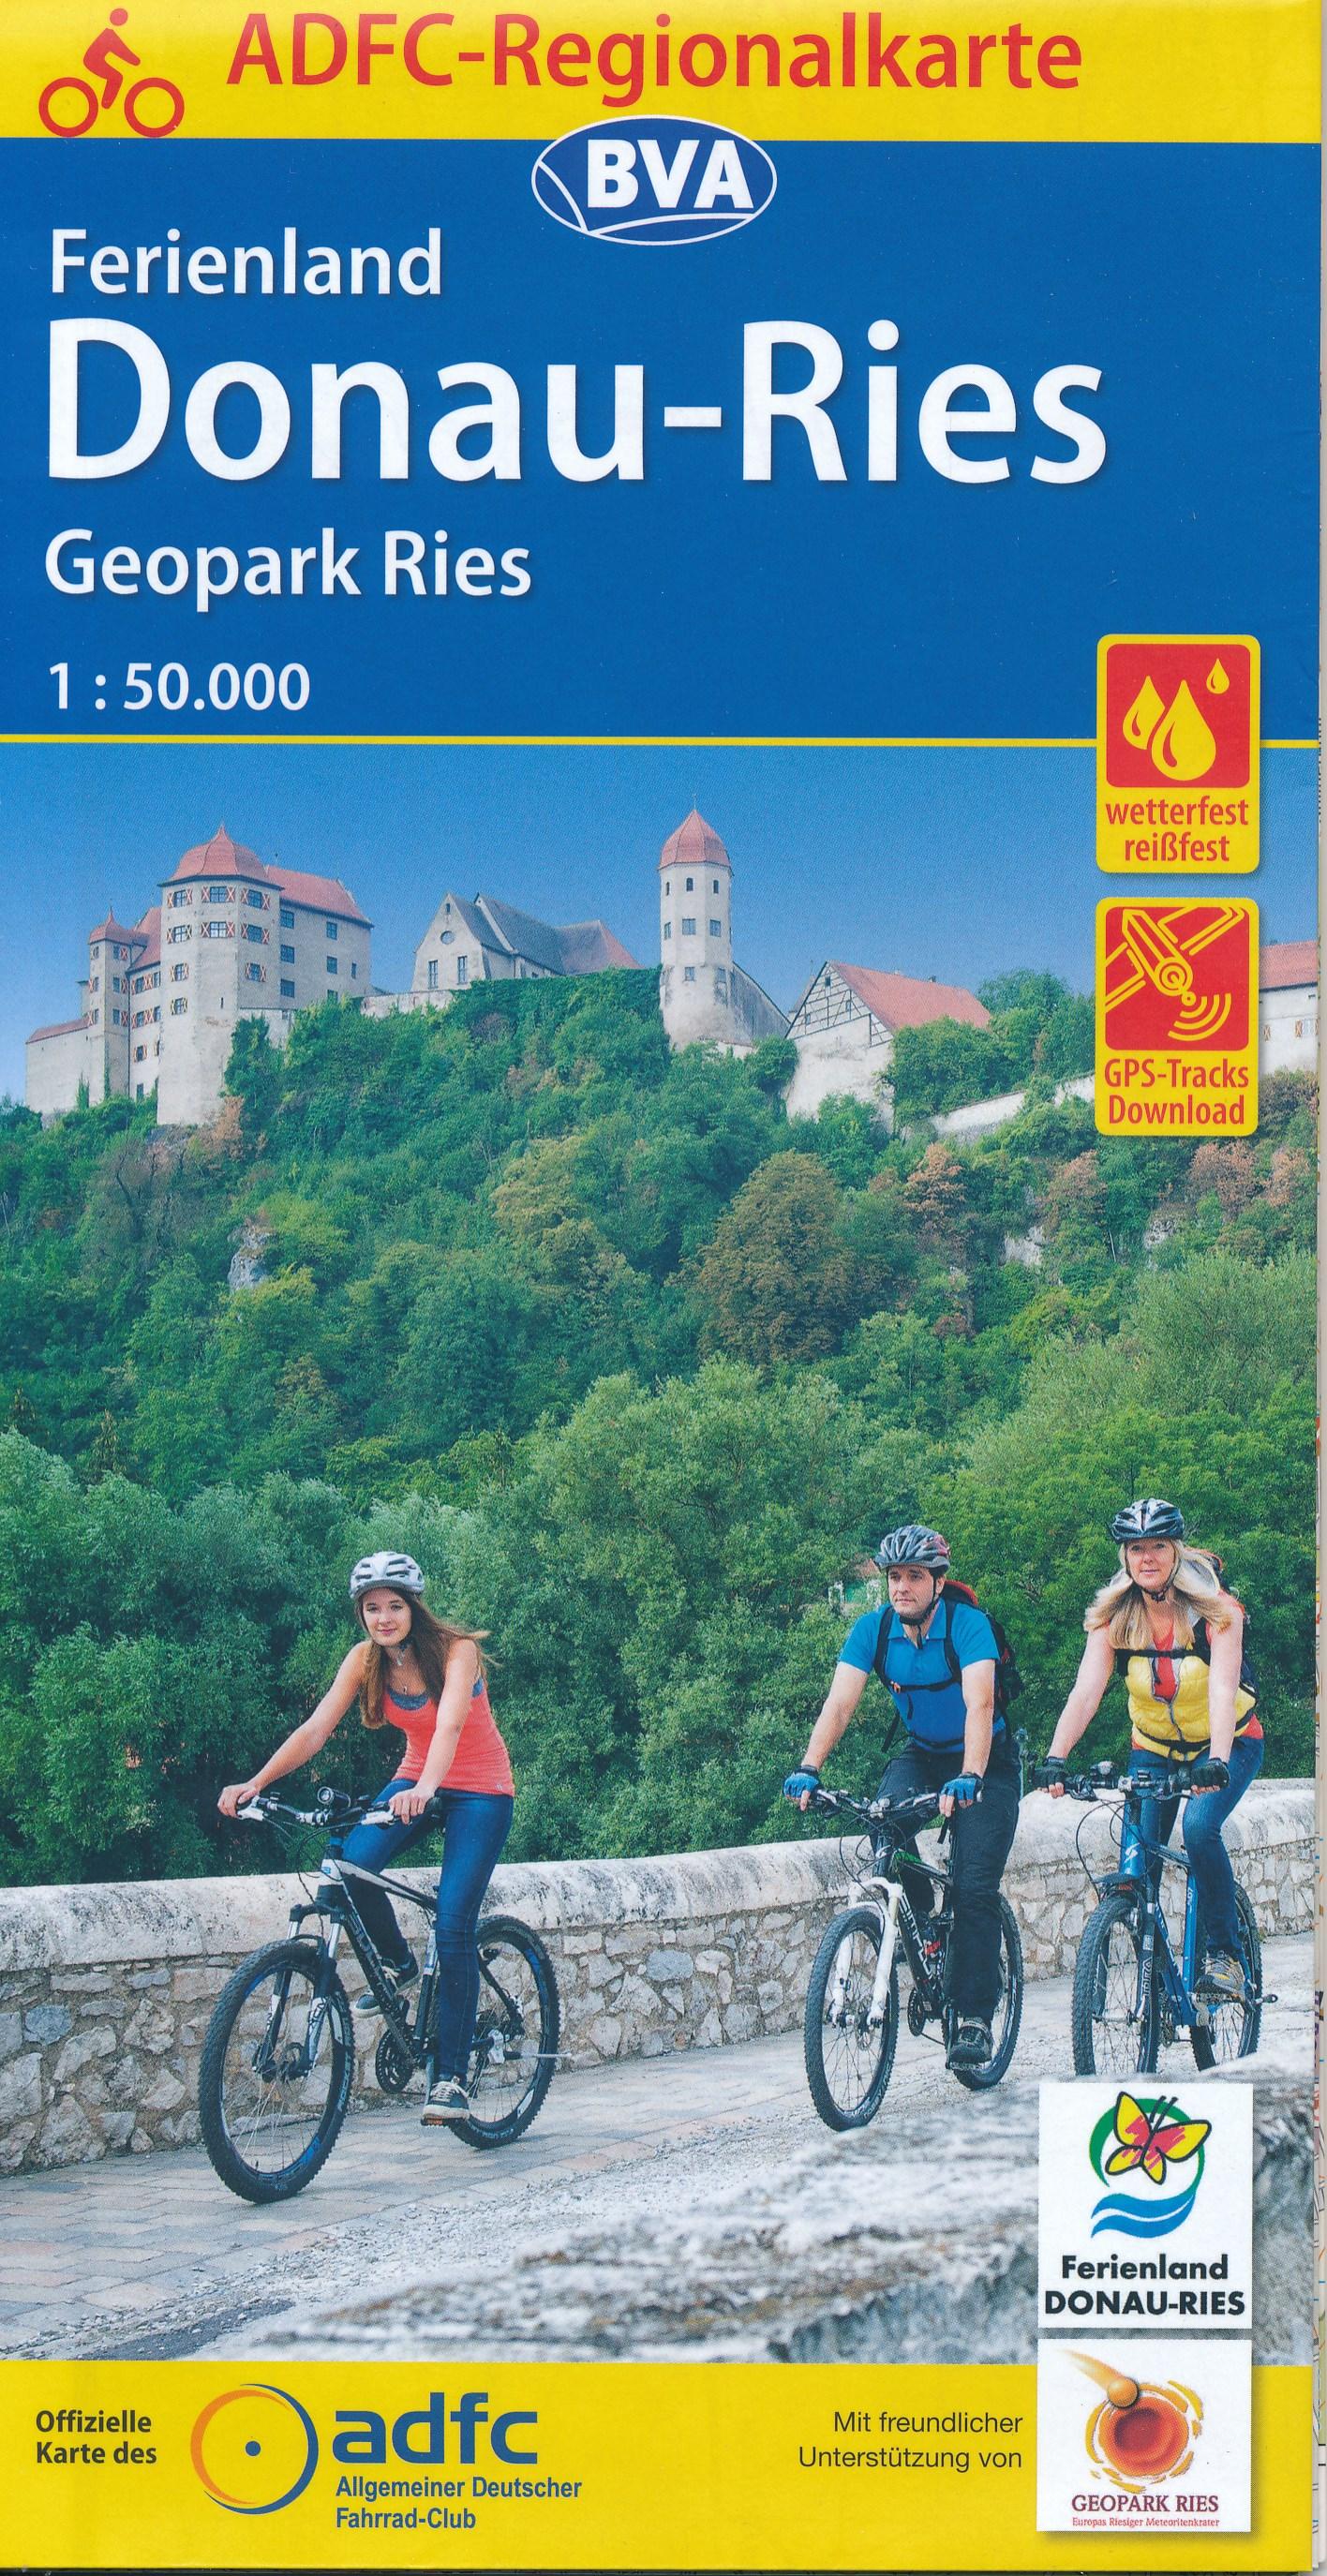 Fietskaart ADFC Regionalkarte Donau - Ries, Geopark Ries | BVA